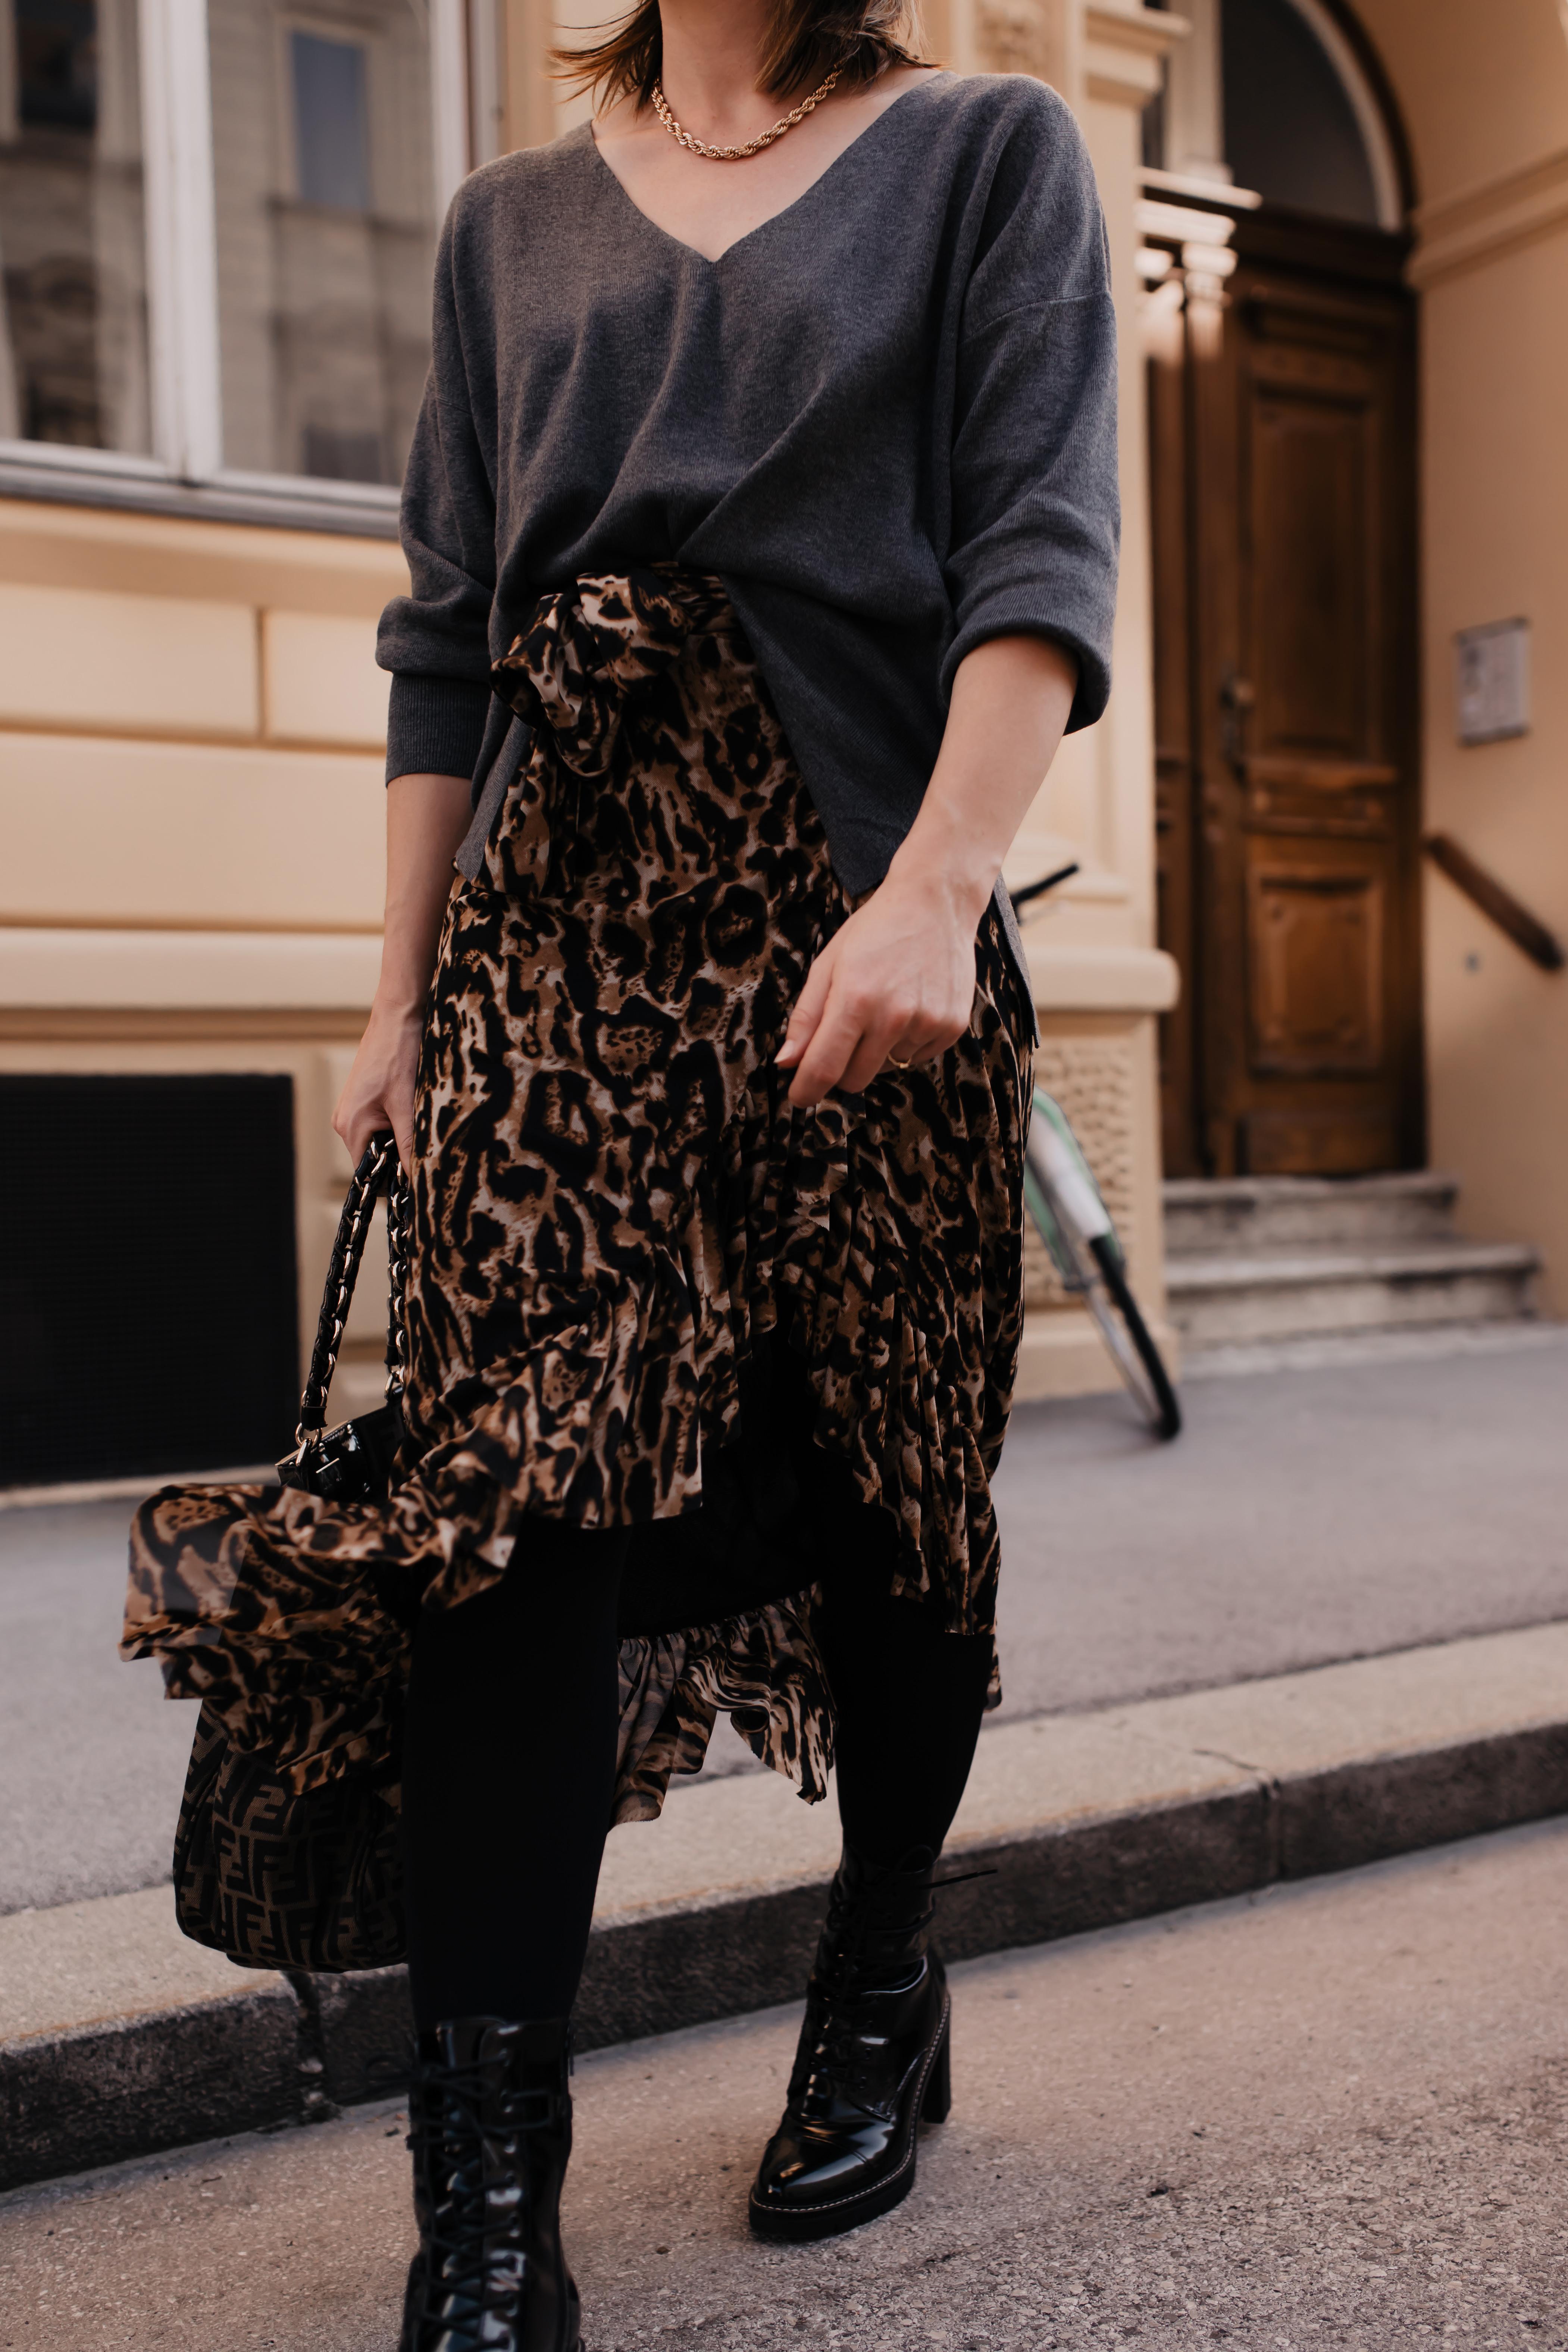 Werbung. Am Modeblog zeige ich dir ein Herbst Outfit mit Leo-Midirock, Schnürboots und Fendi Logo-Print Tasche. Außerdem gebe ich dir Tipps, wo du die perfekten geschnürten Stiefeletten für den Herbst finden wirst! www.whoismocca.com #herbstoutfit #schnürboots #midirock